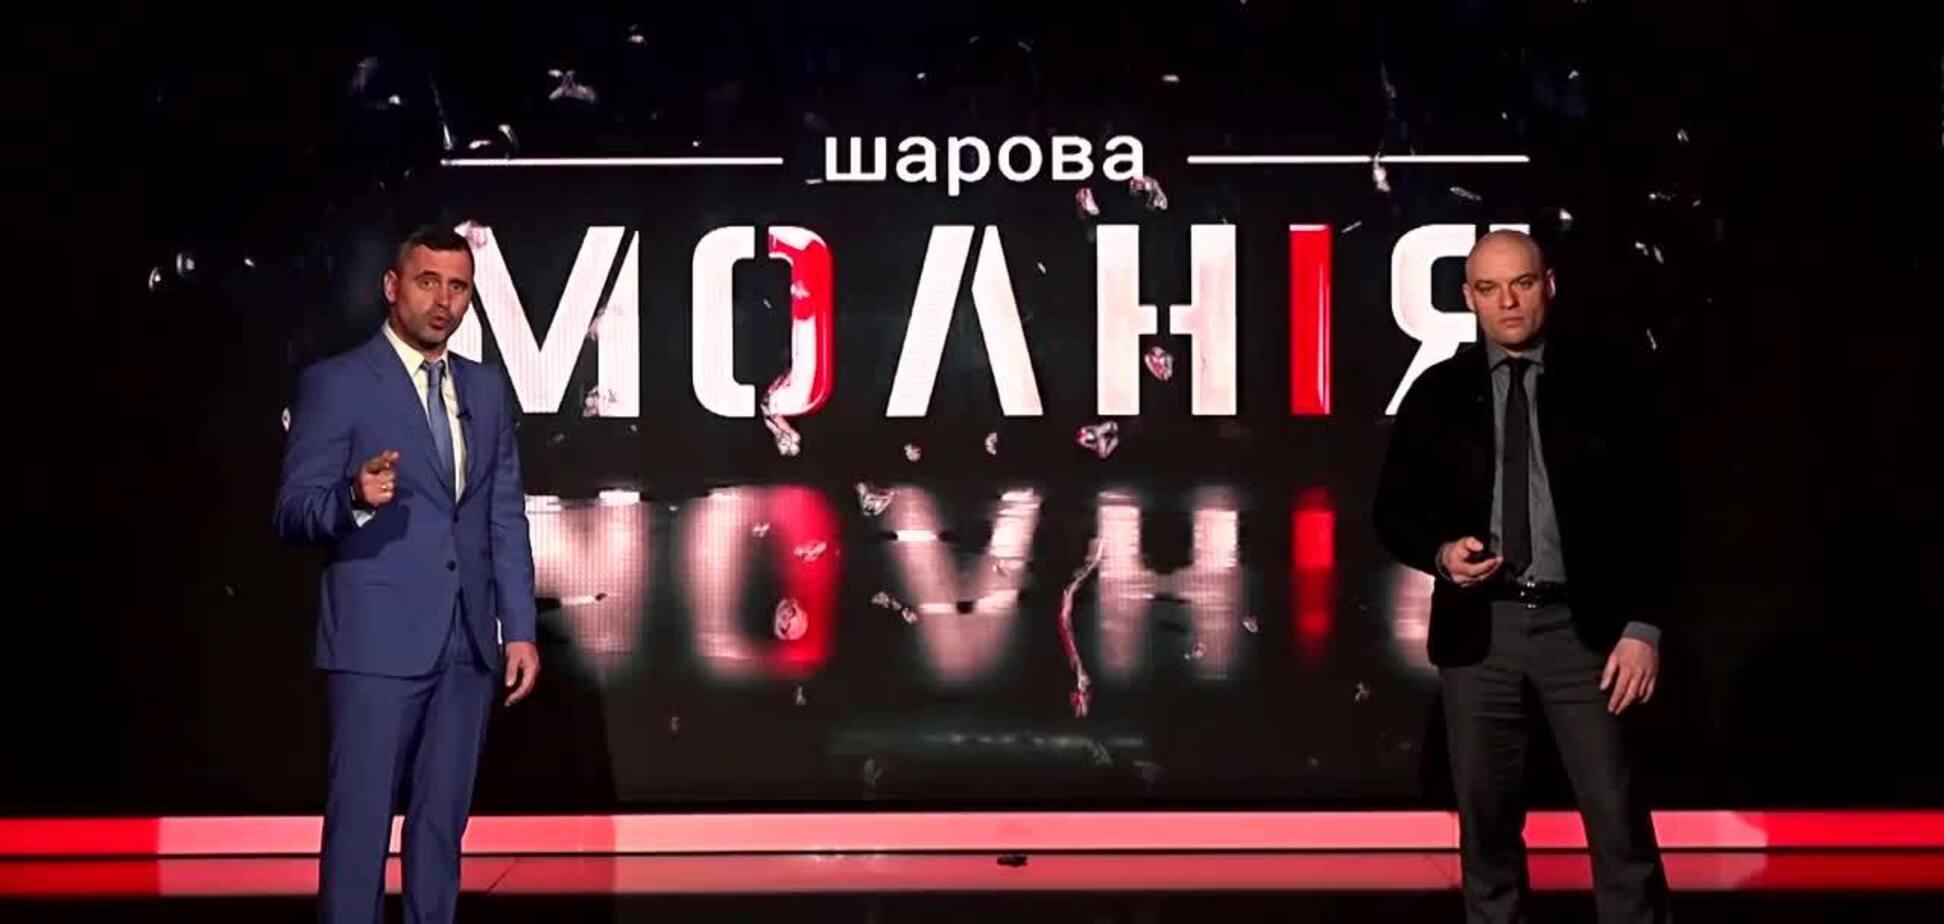 Спецтелепроект 'Шарова молнія' випуск №1 | 'Україна – на ядерній діжці'